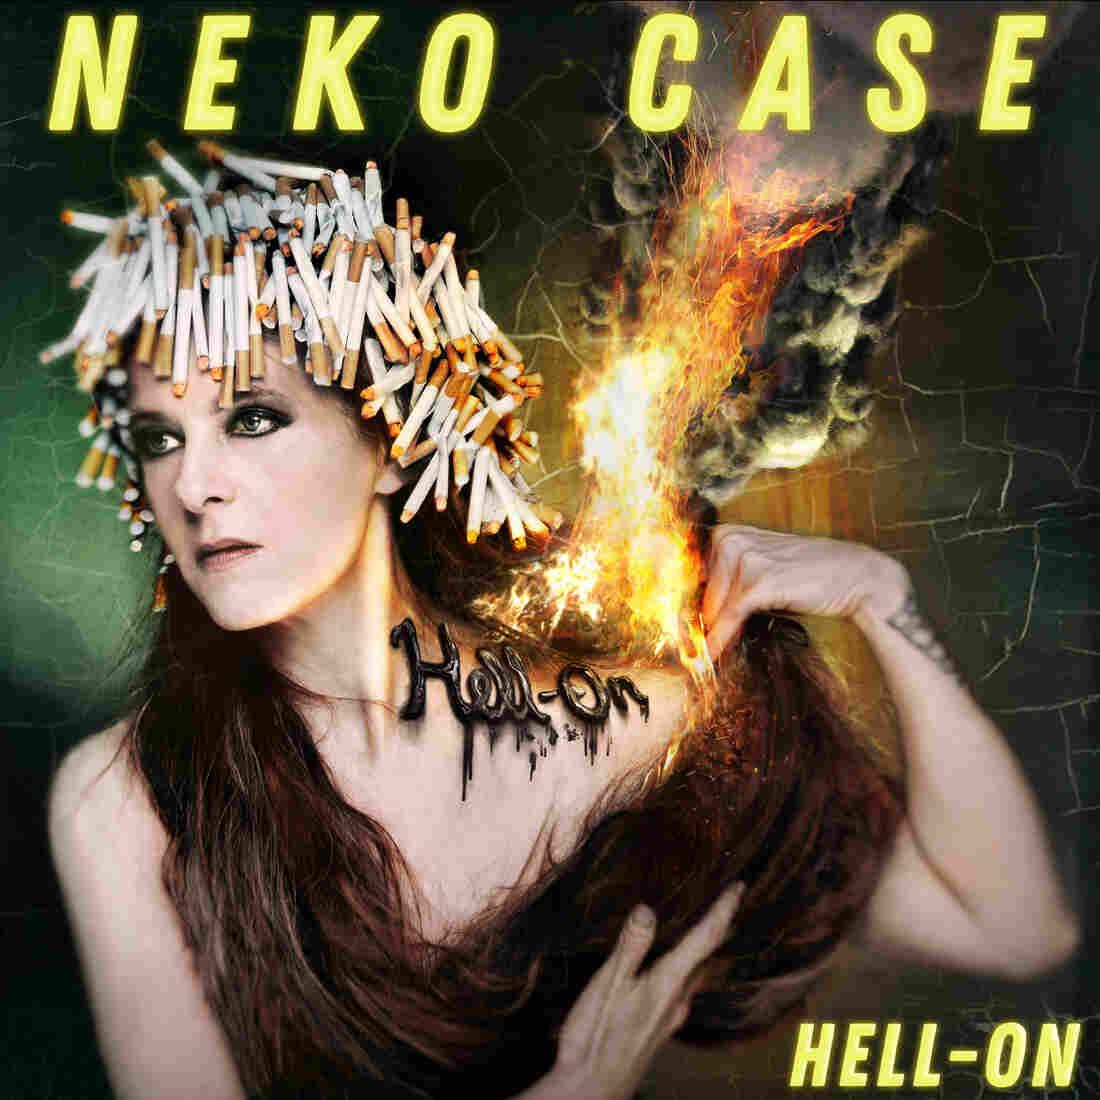 Neko Case, Hell-On